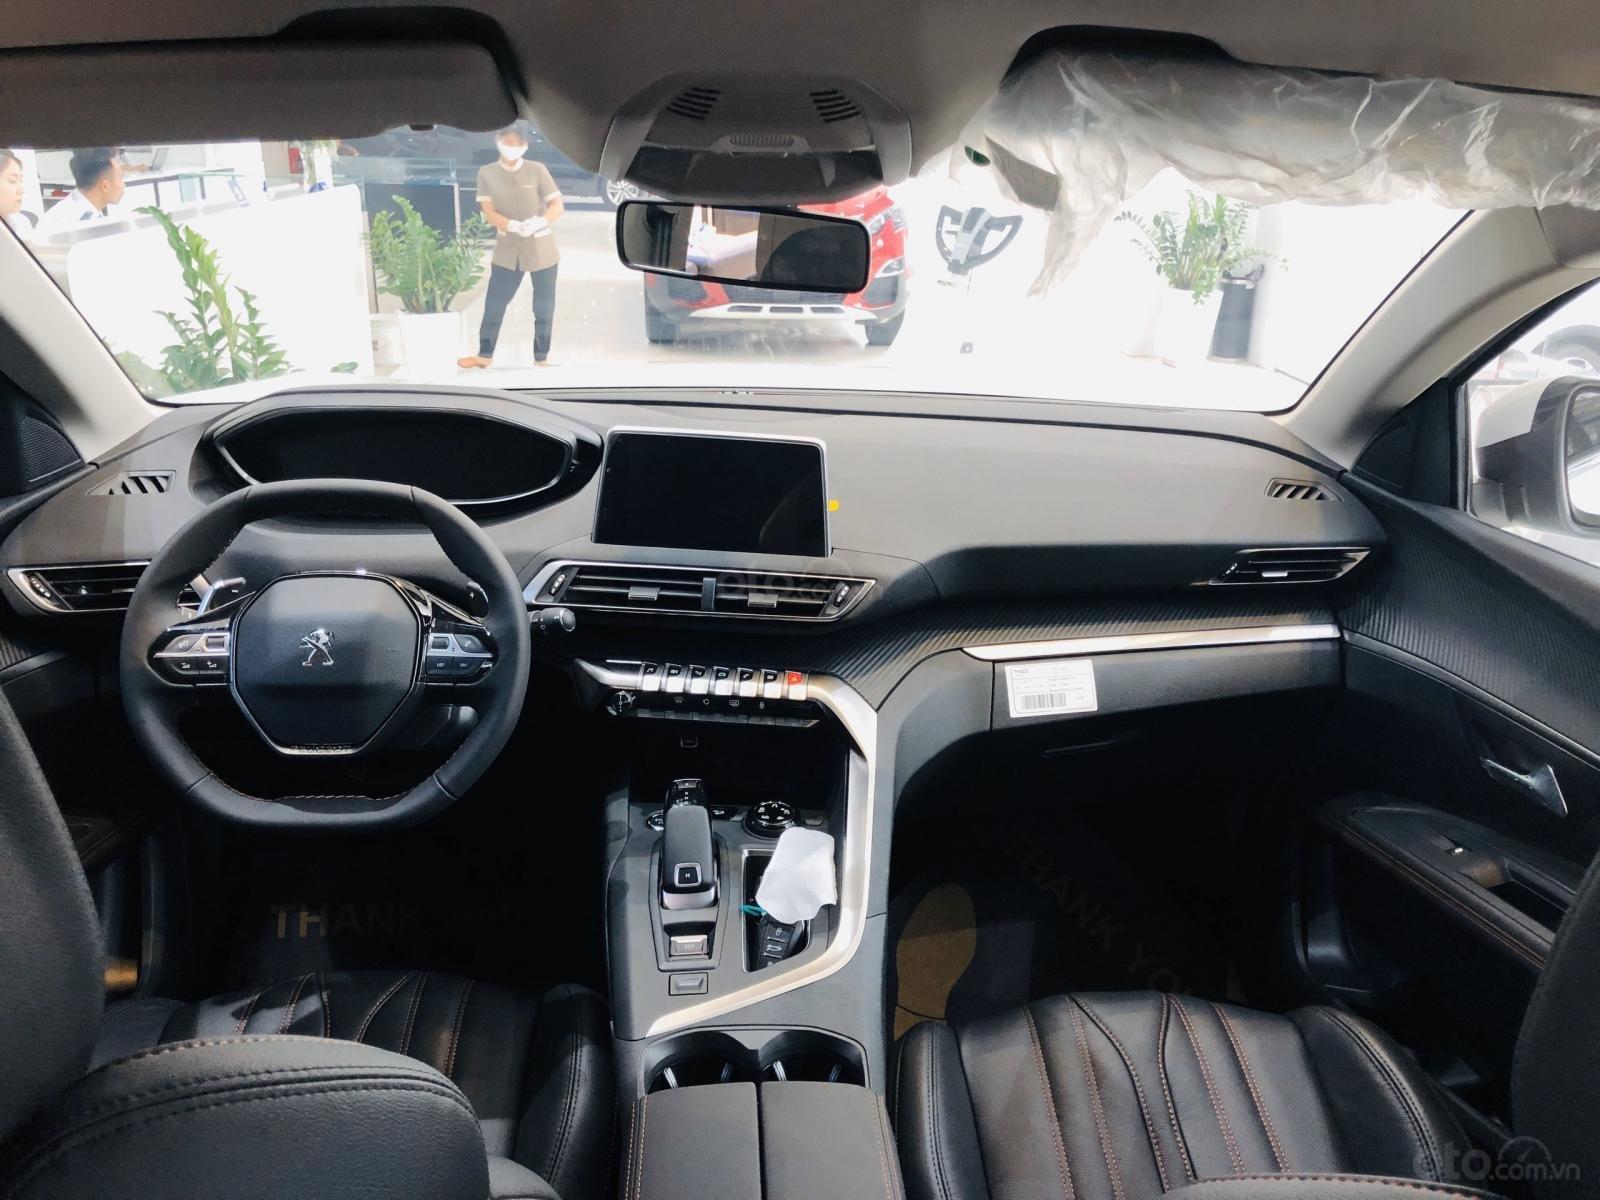 Bán xe Peugeot 3008 năm 2020, giá tốt nhất (7)